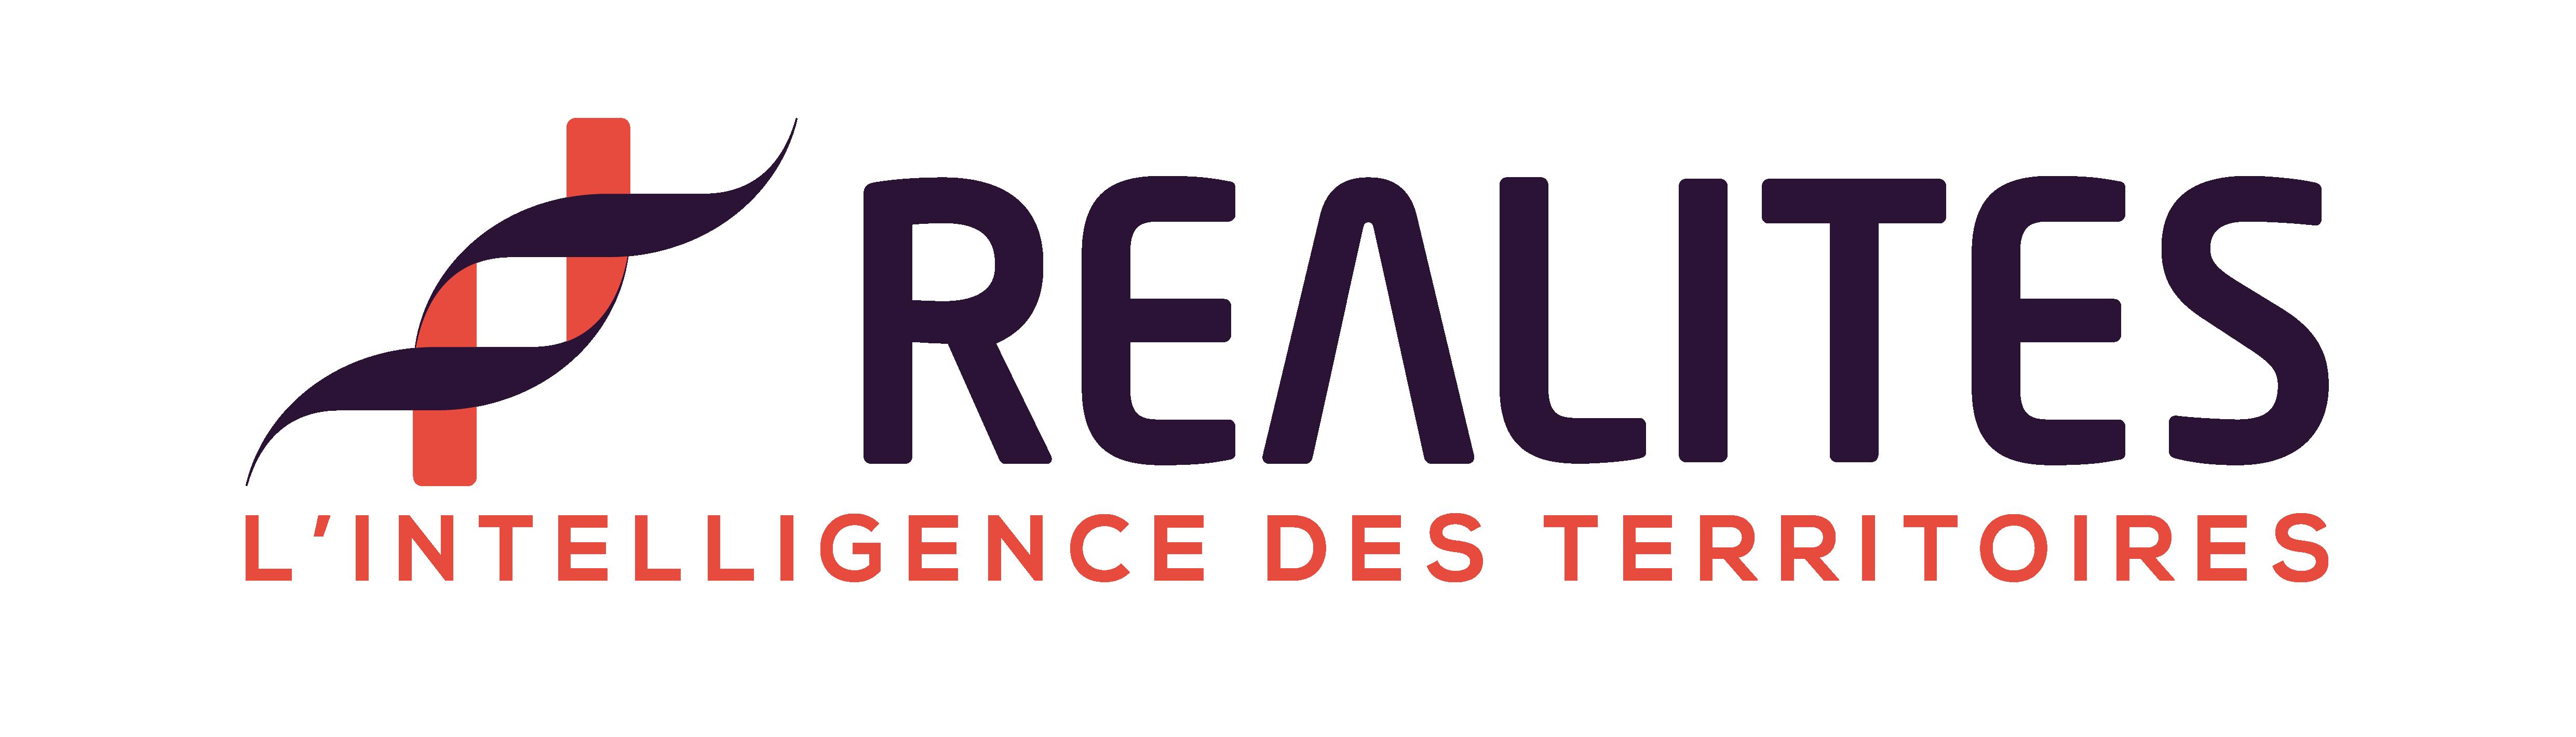 Logo Realites